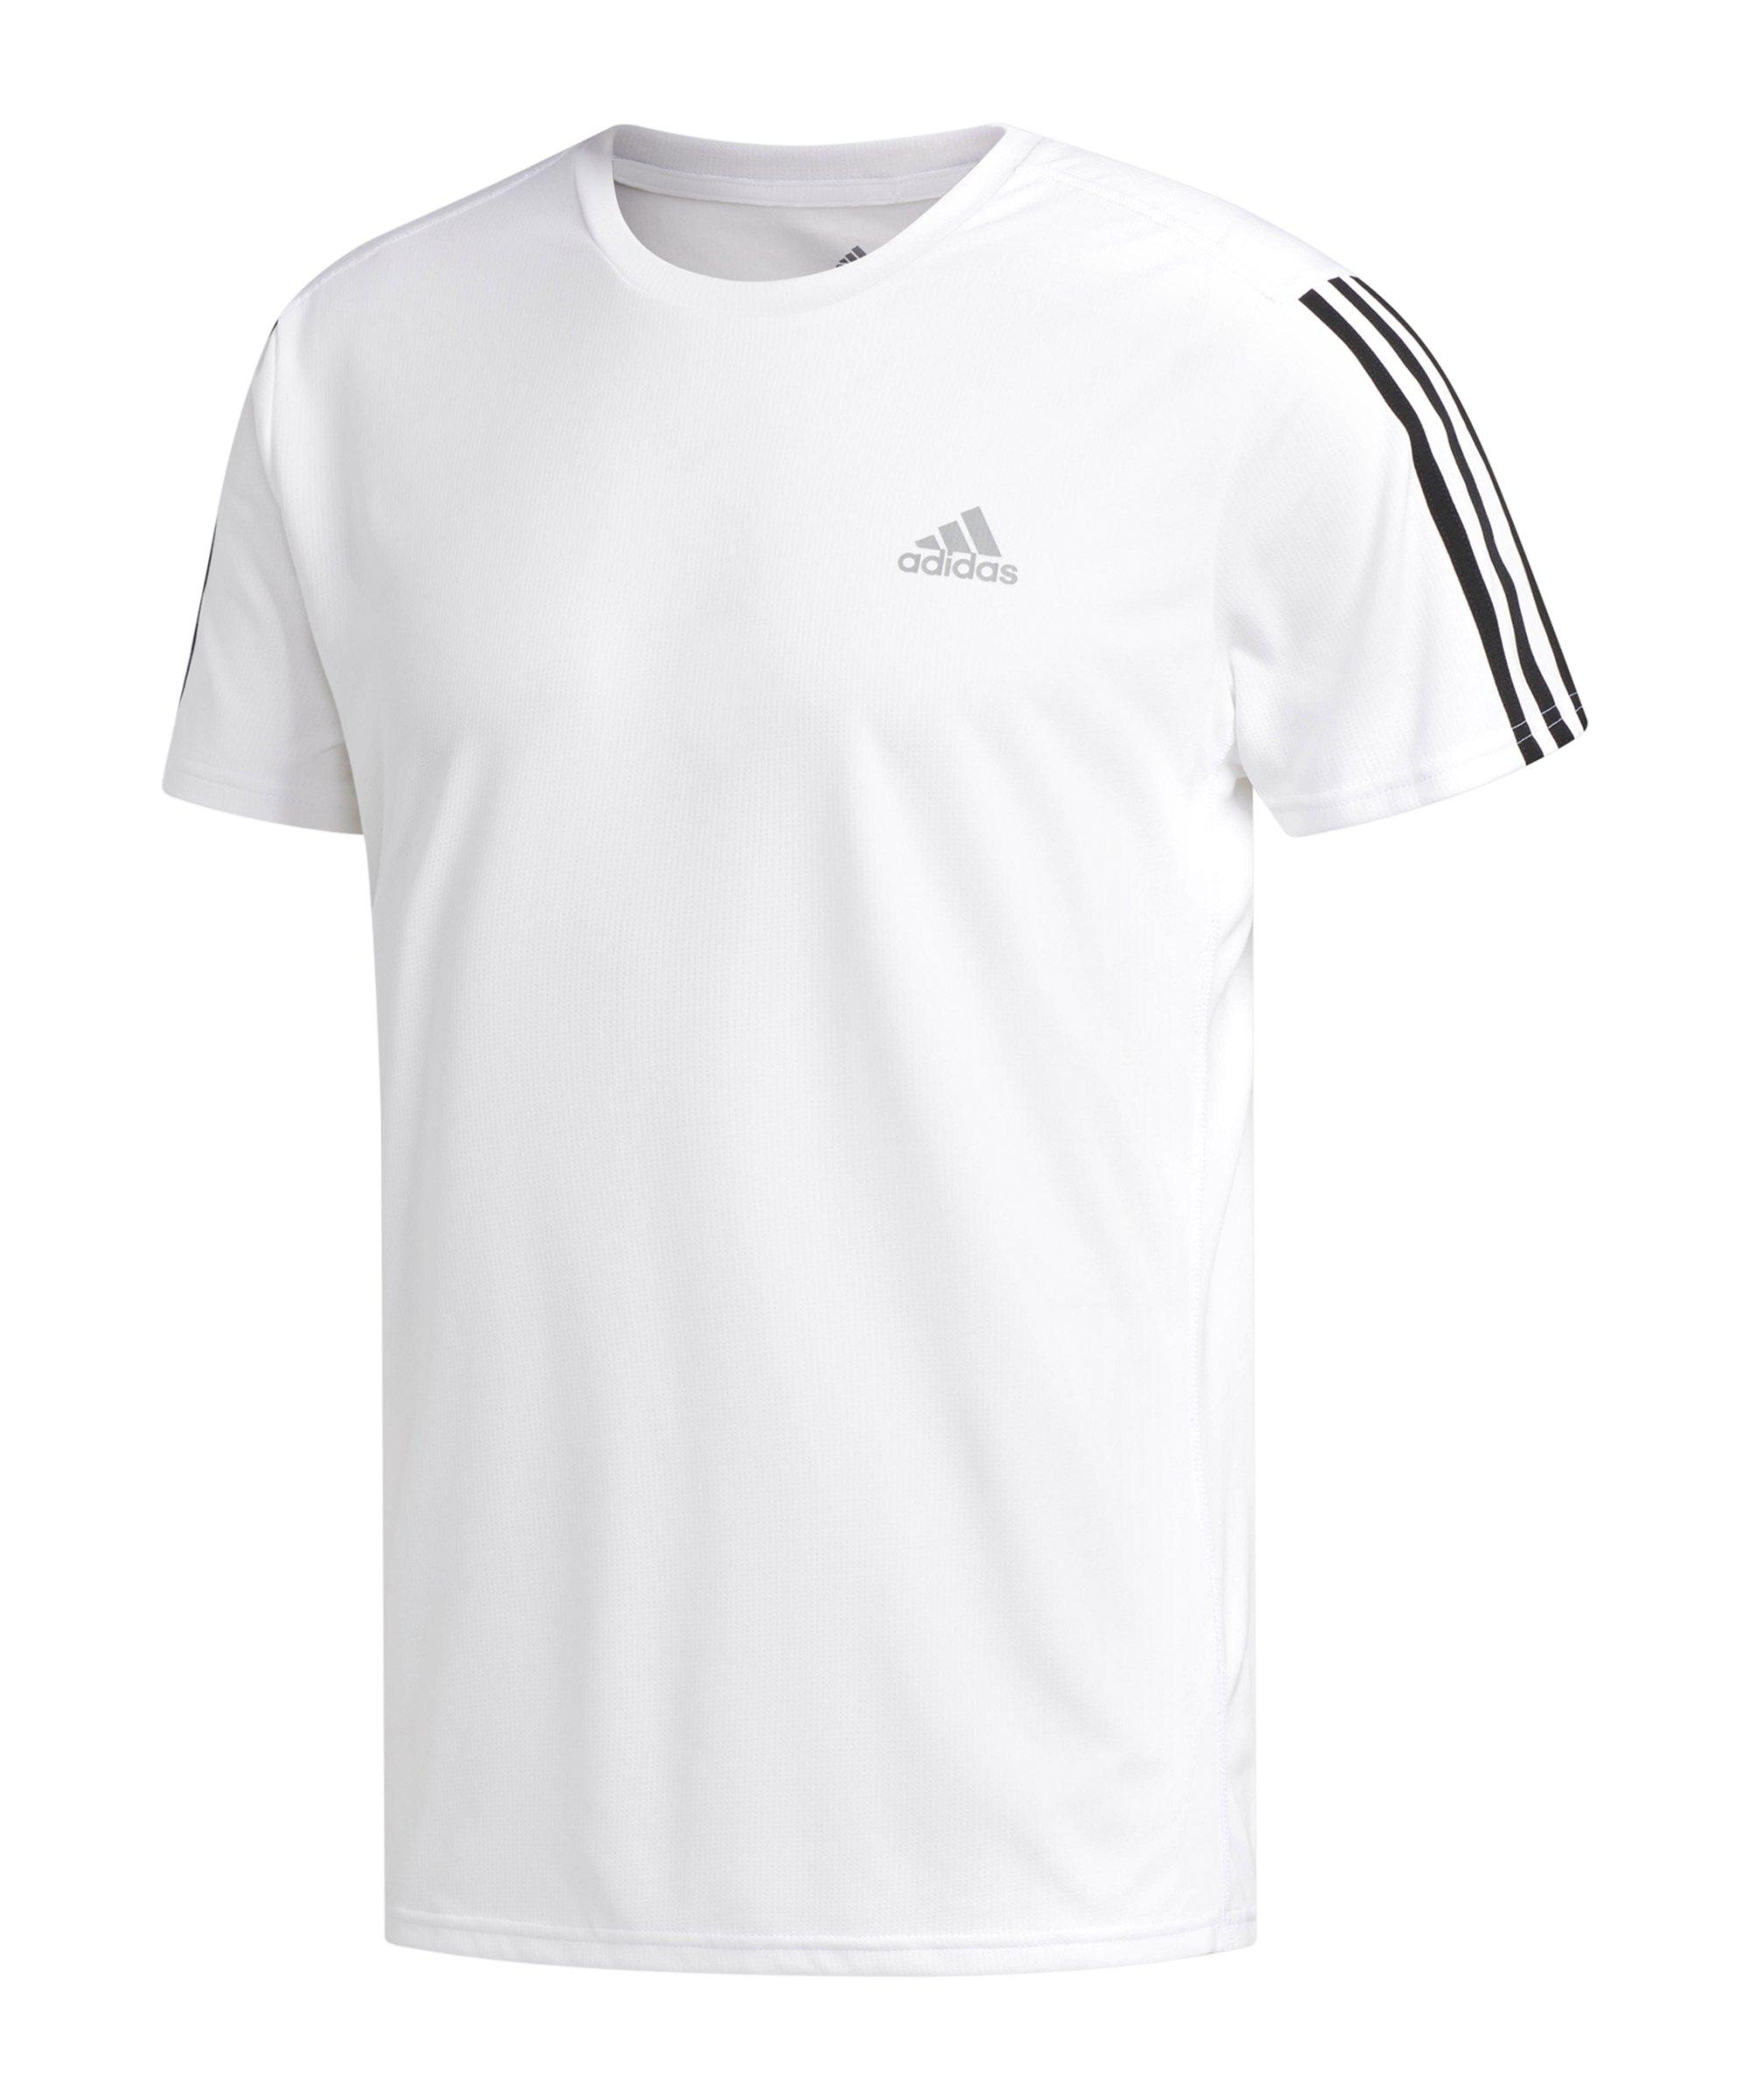 adidas Run It 3 Stripes T-Shirt Running Weiss - weiss